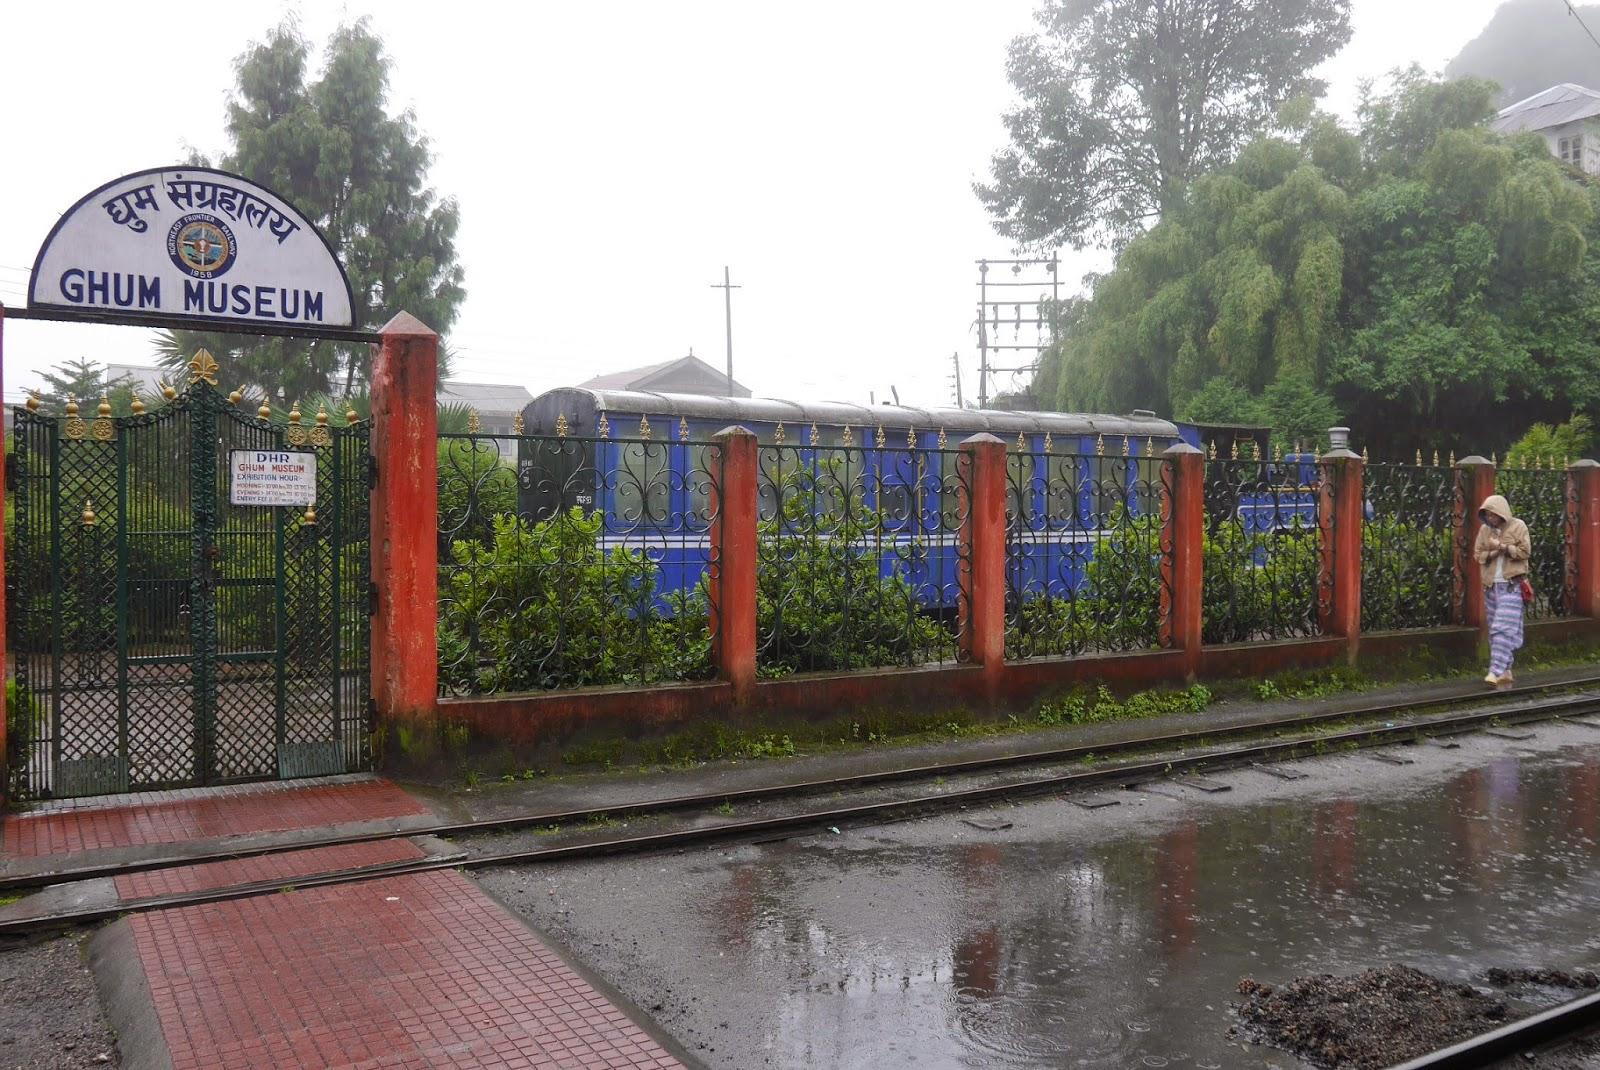 Rewari Rail Museum